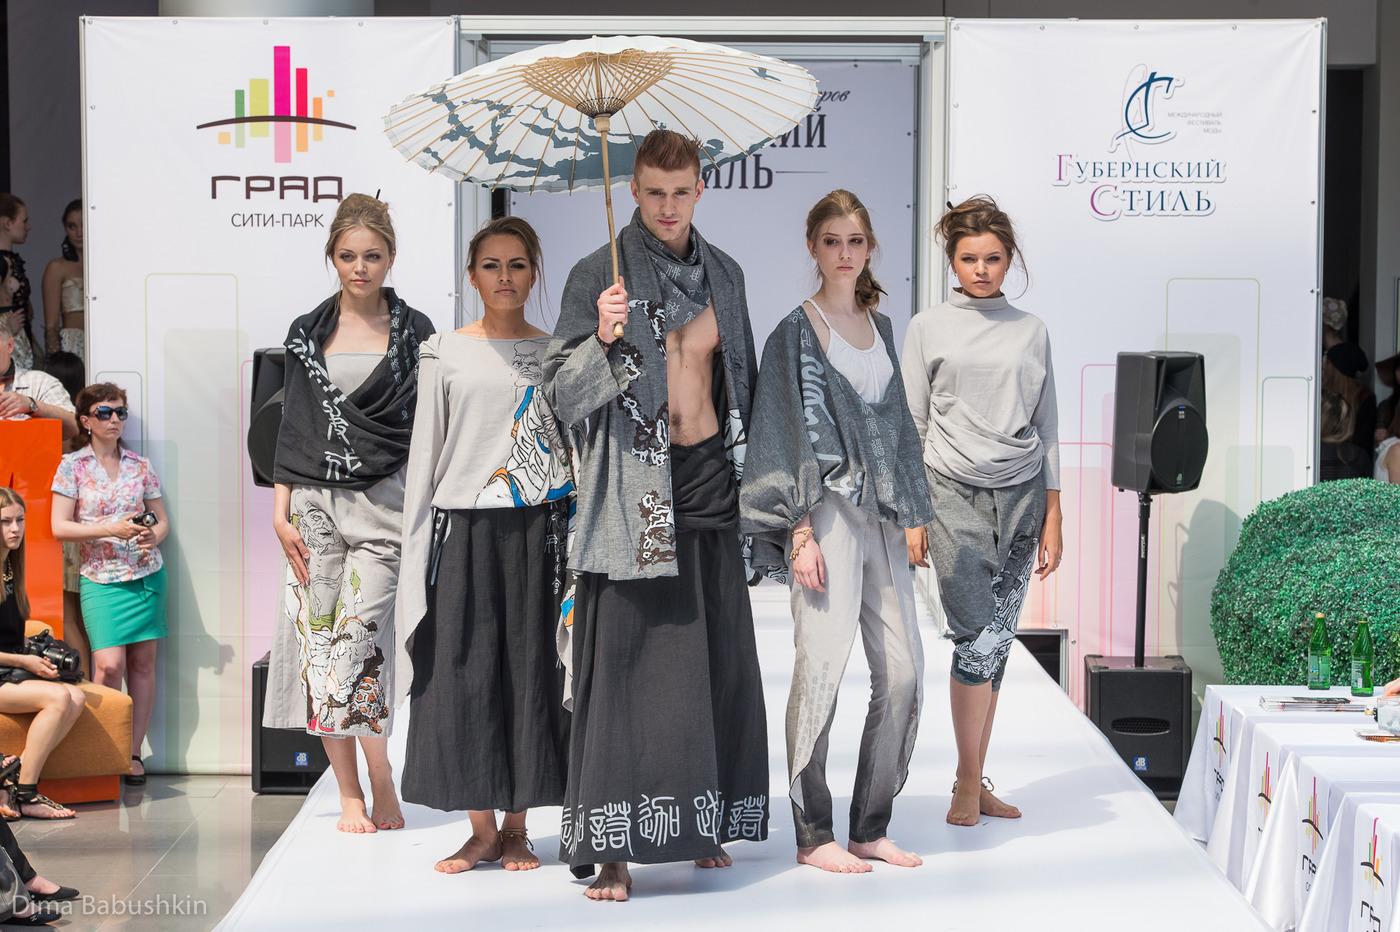 Одежда из турции tatet ua - купить одежду из турции в интернет